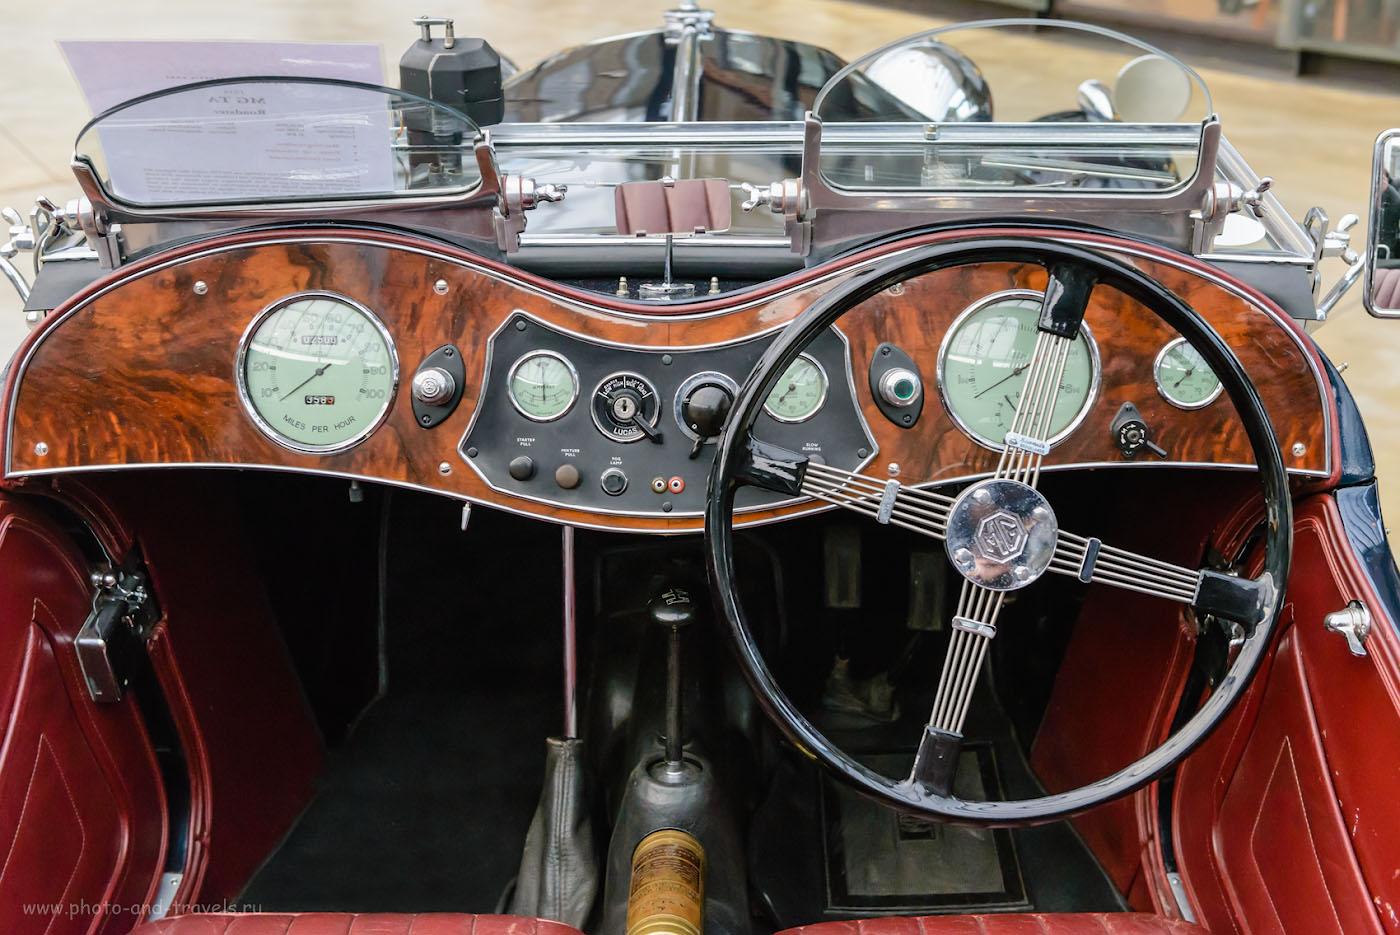 Фотография 28. Согласитесь, что в старинных автомобилях больше души? 1/200, -0.67, 5.6, 6400, 48.